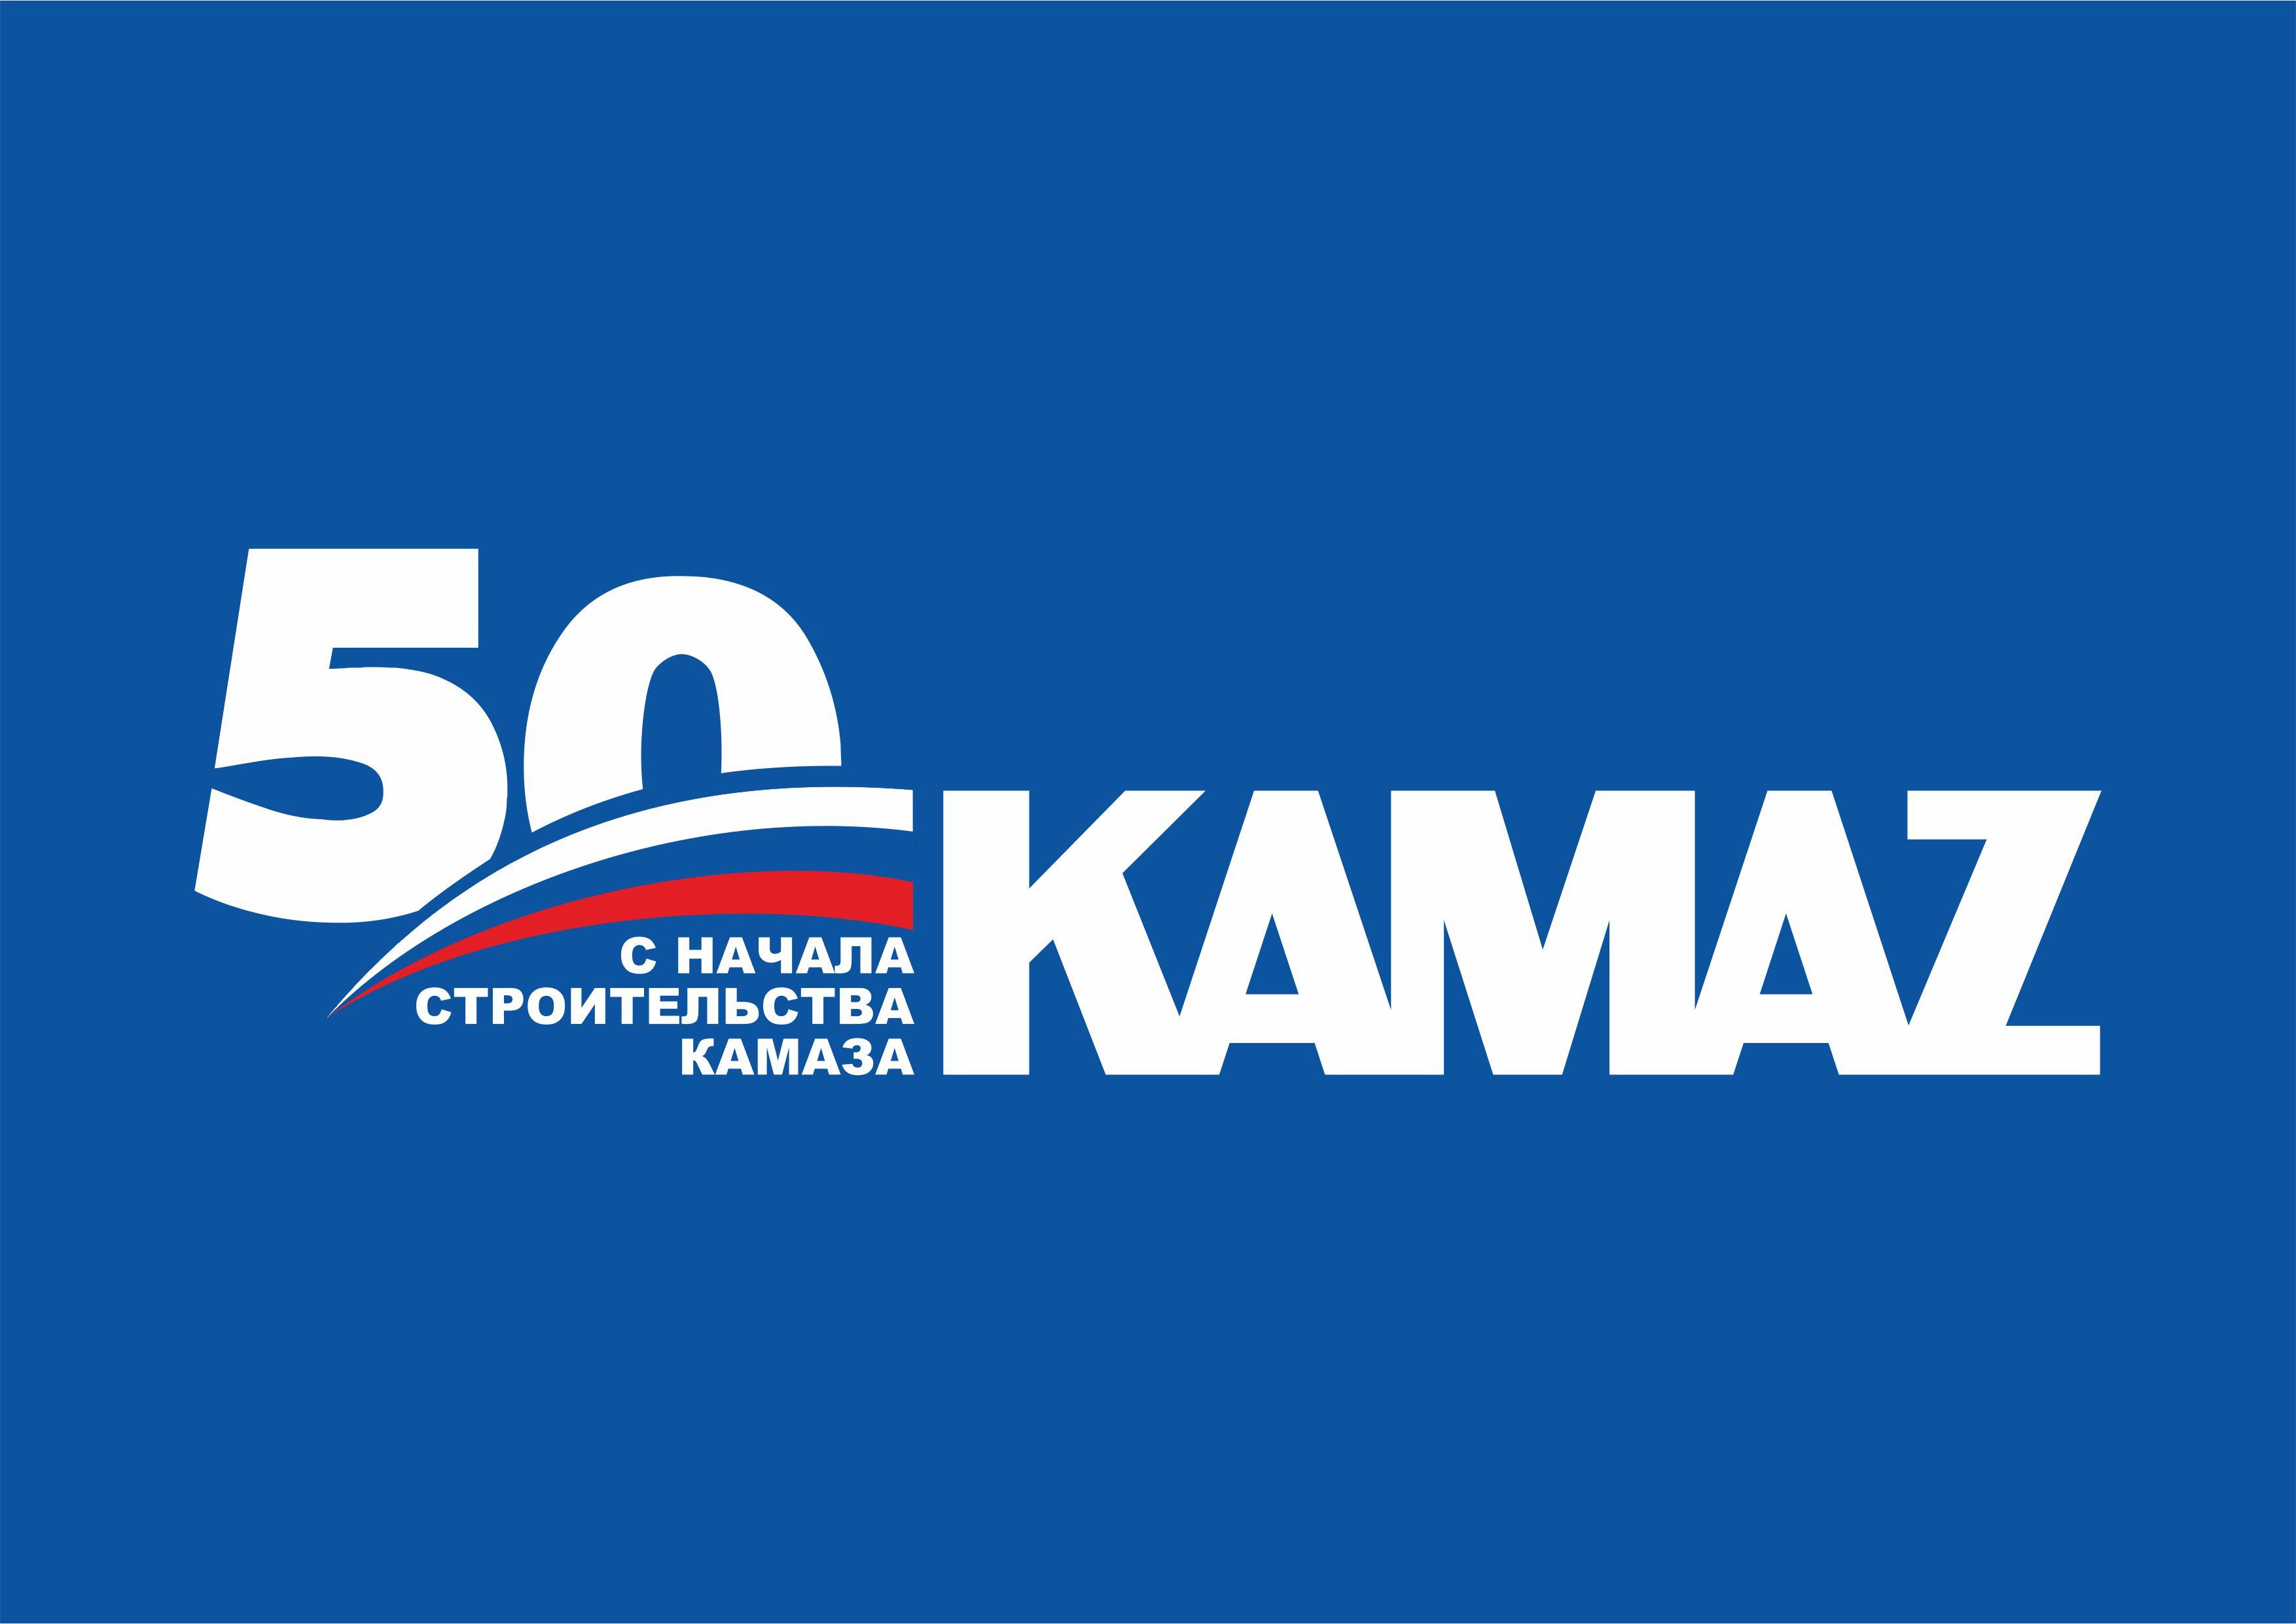 Президент России посетит «КАМАЗ» в его 50-летие